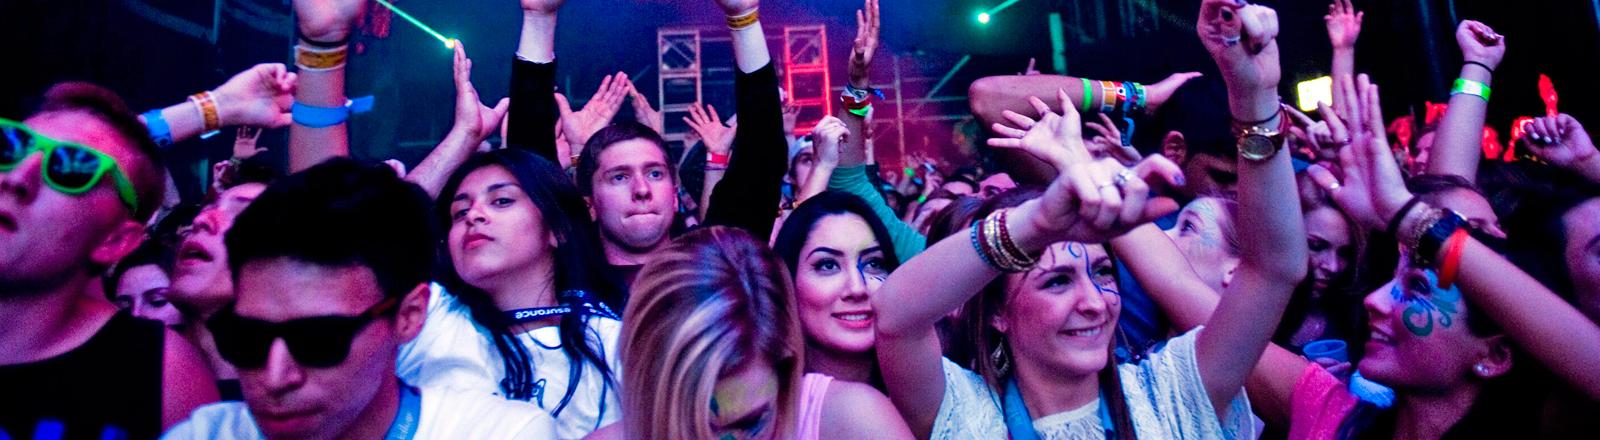 Junge Menschen tanzen auf dem SXSW-Festival in Austin.